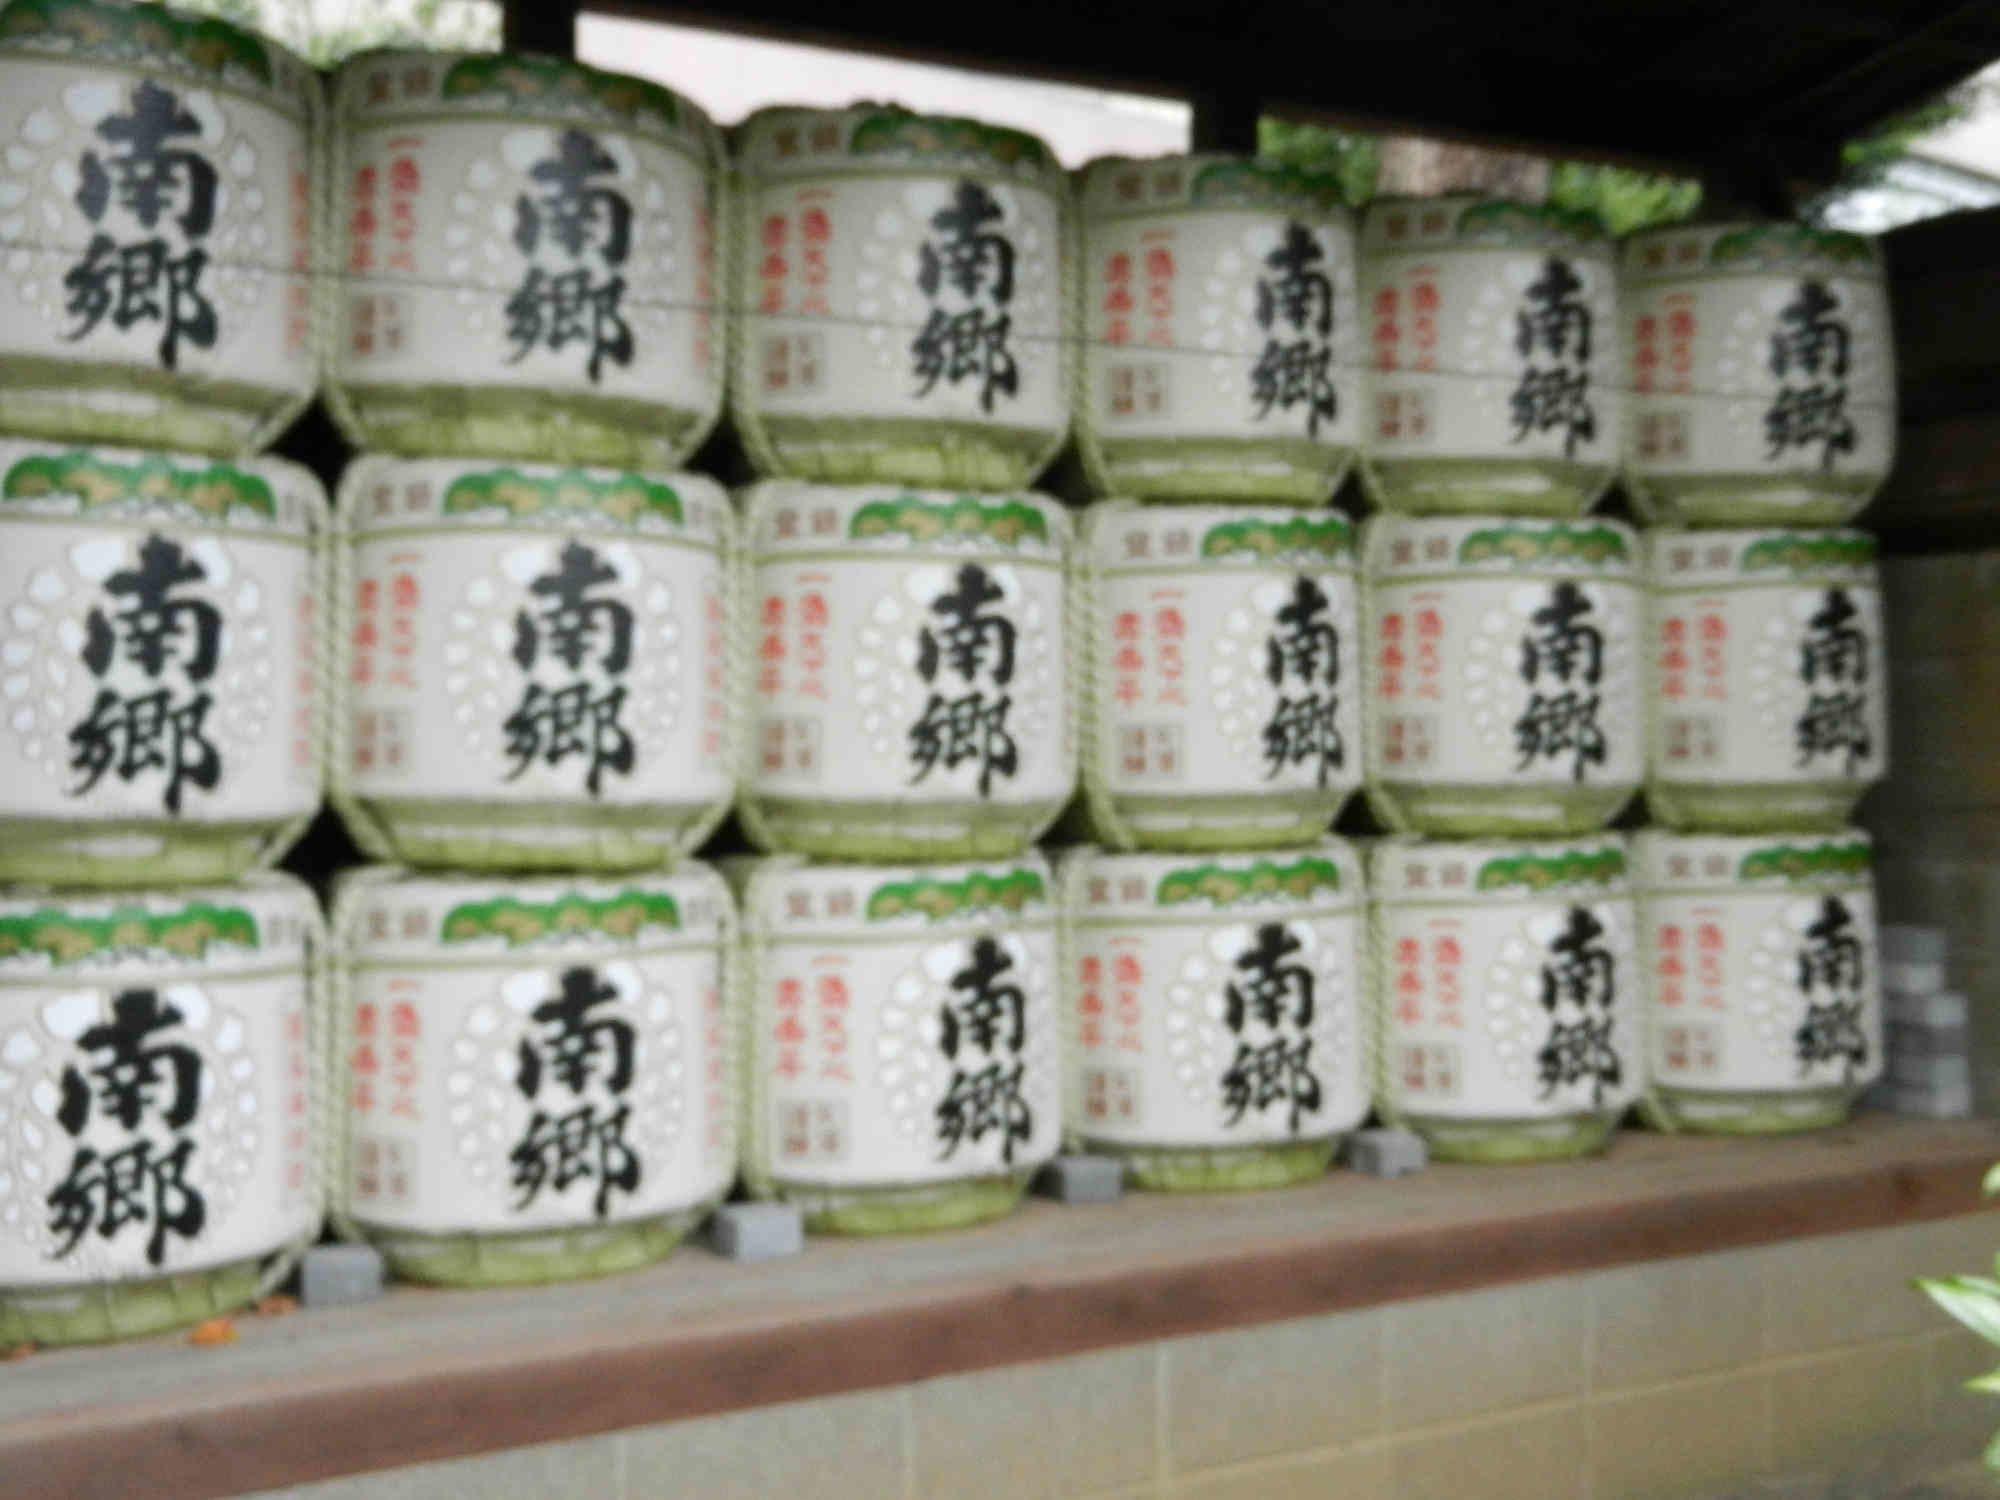 関東松尾神社の酒樽